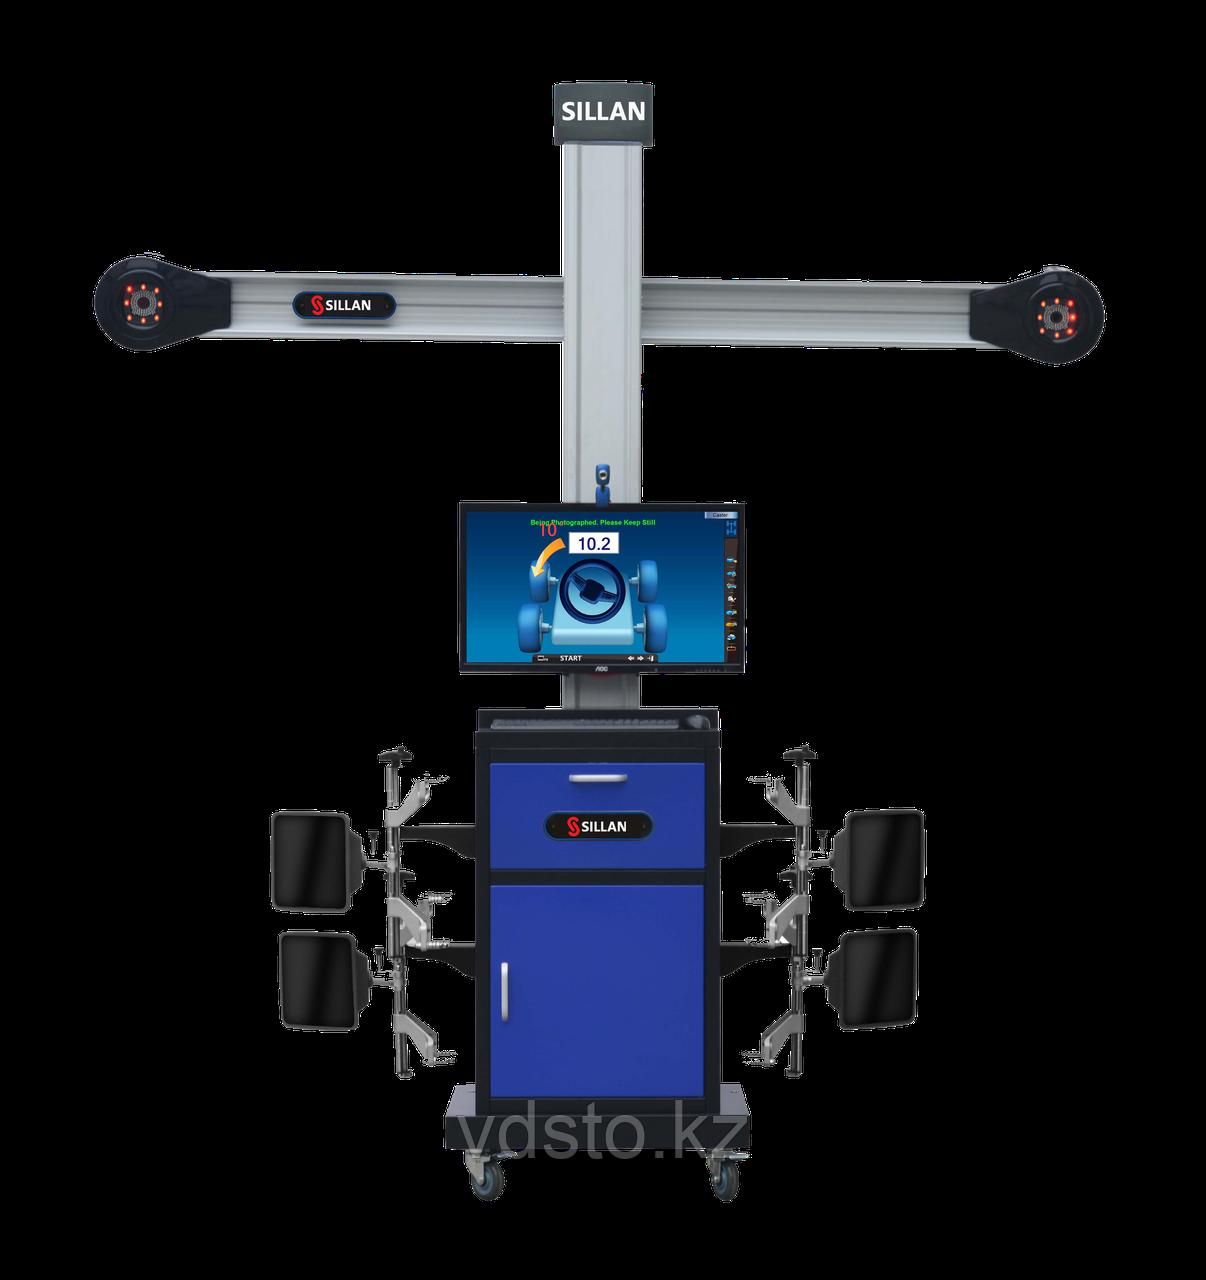 Стенд развал-схождения Sillan V500 с технологией 3D